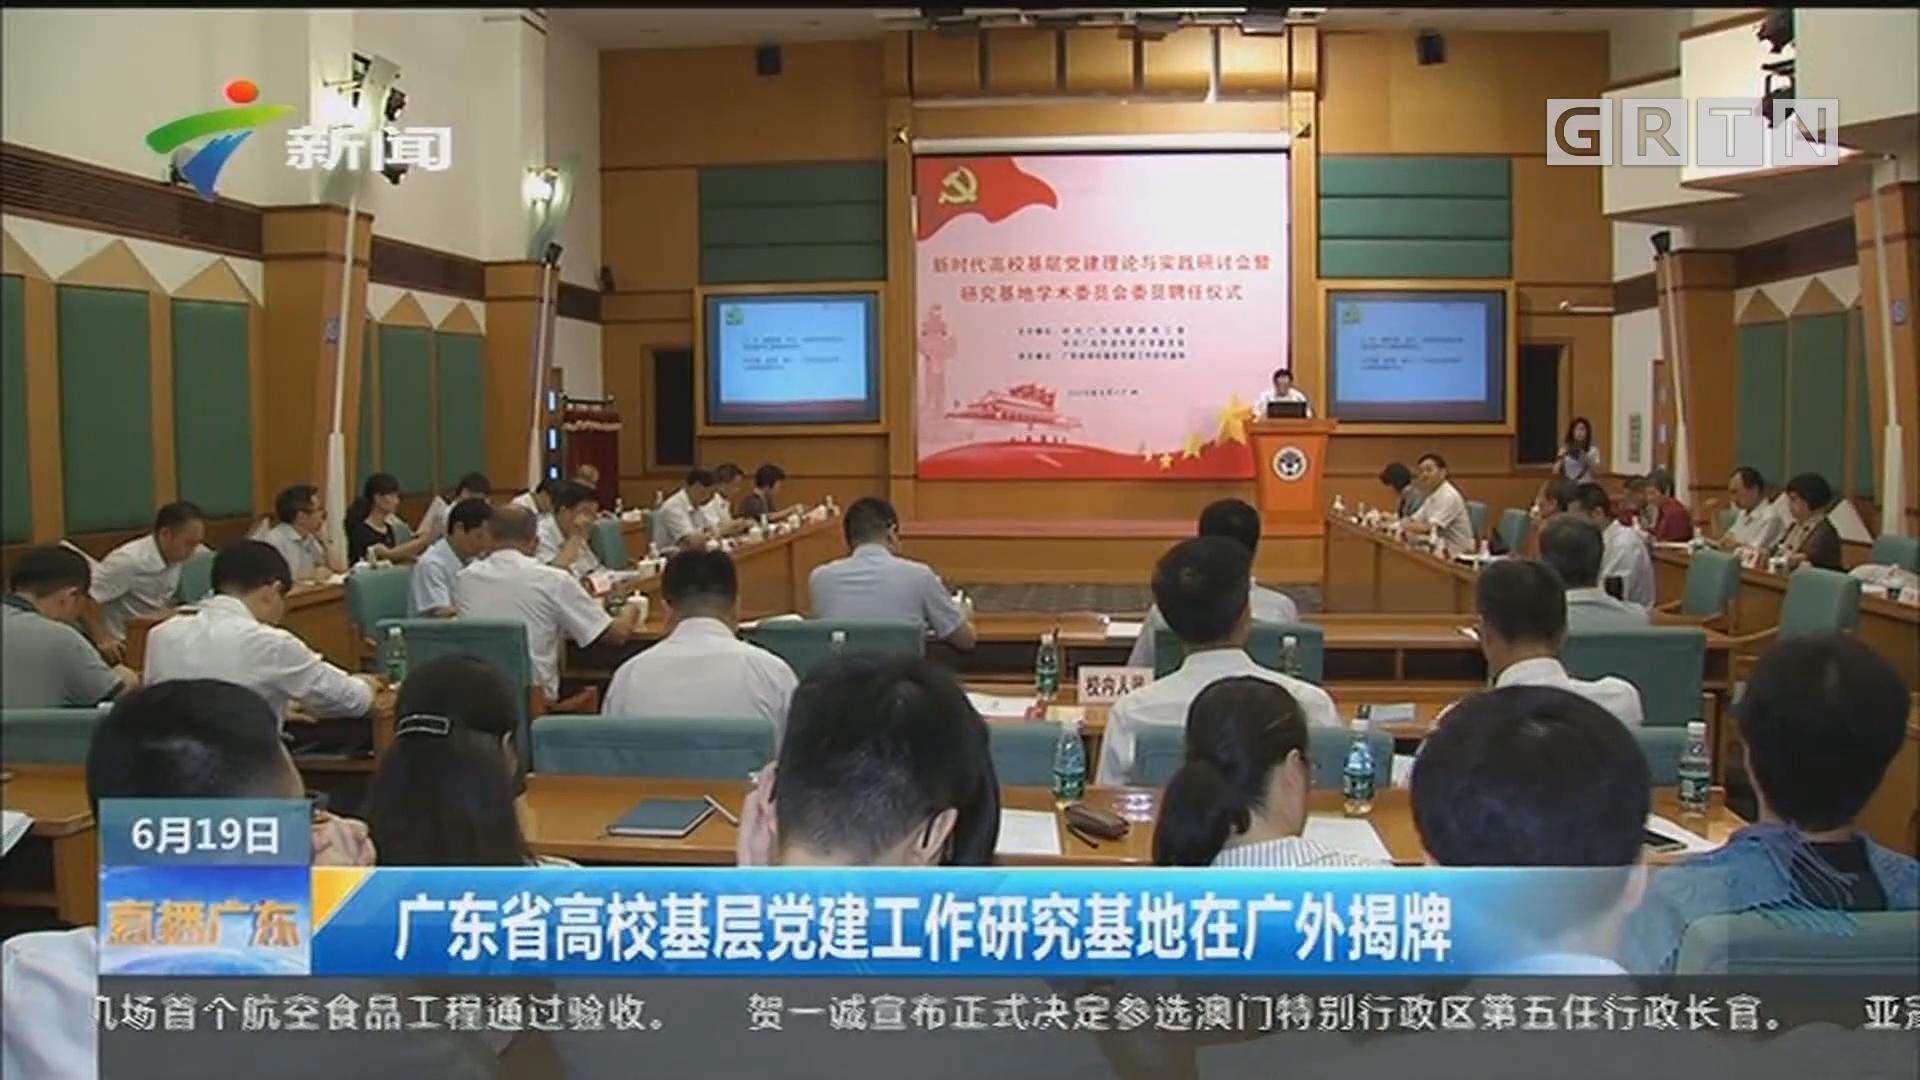 广东省高校基层党建工作研究基地在广外揭牌